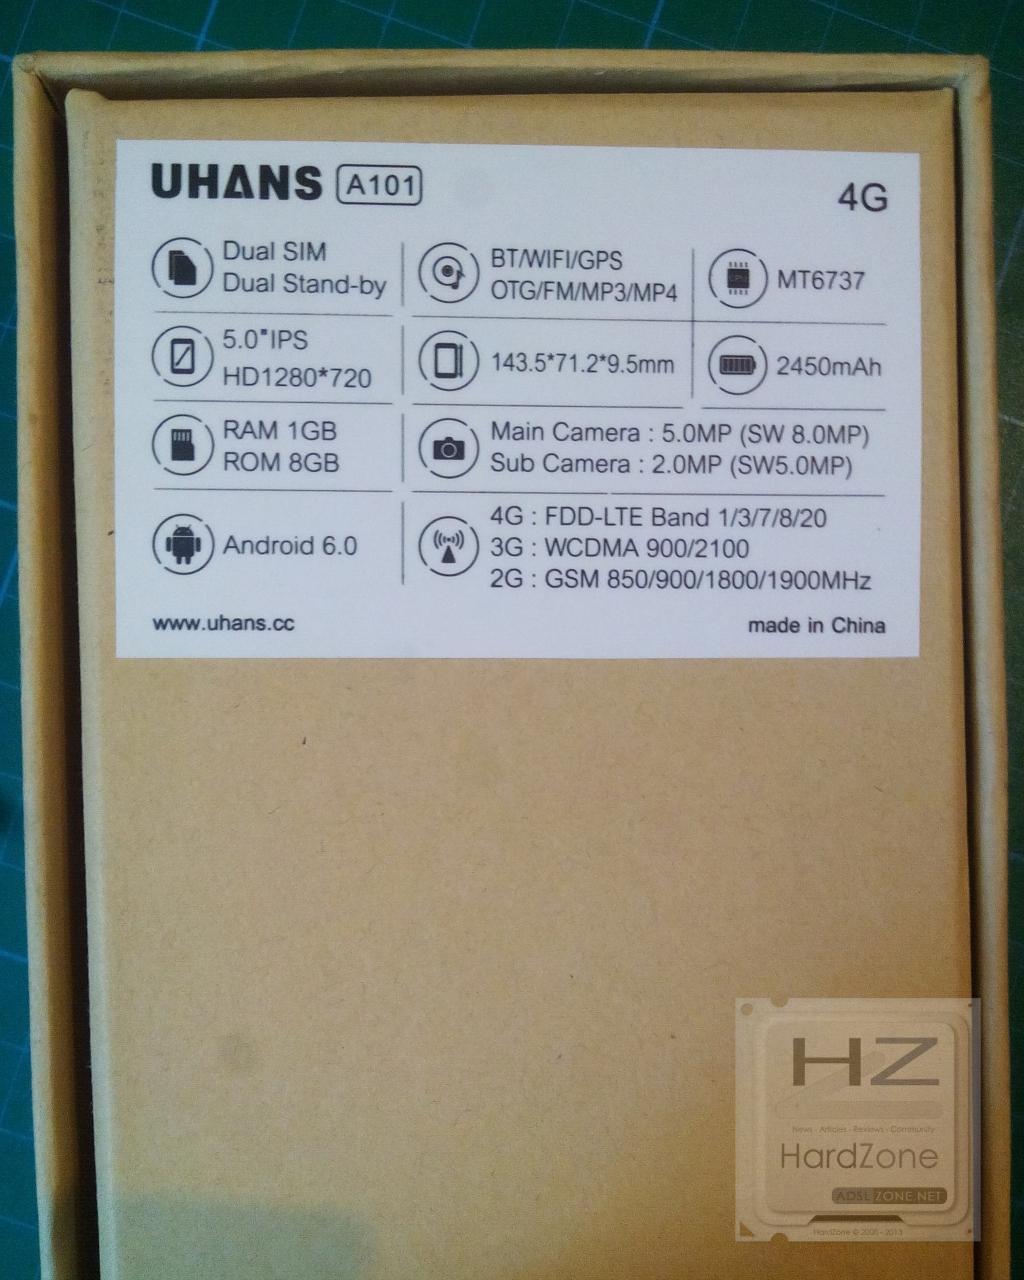 Uhans A101_003